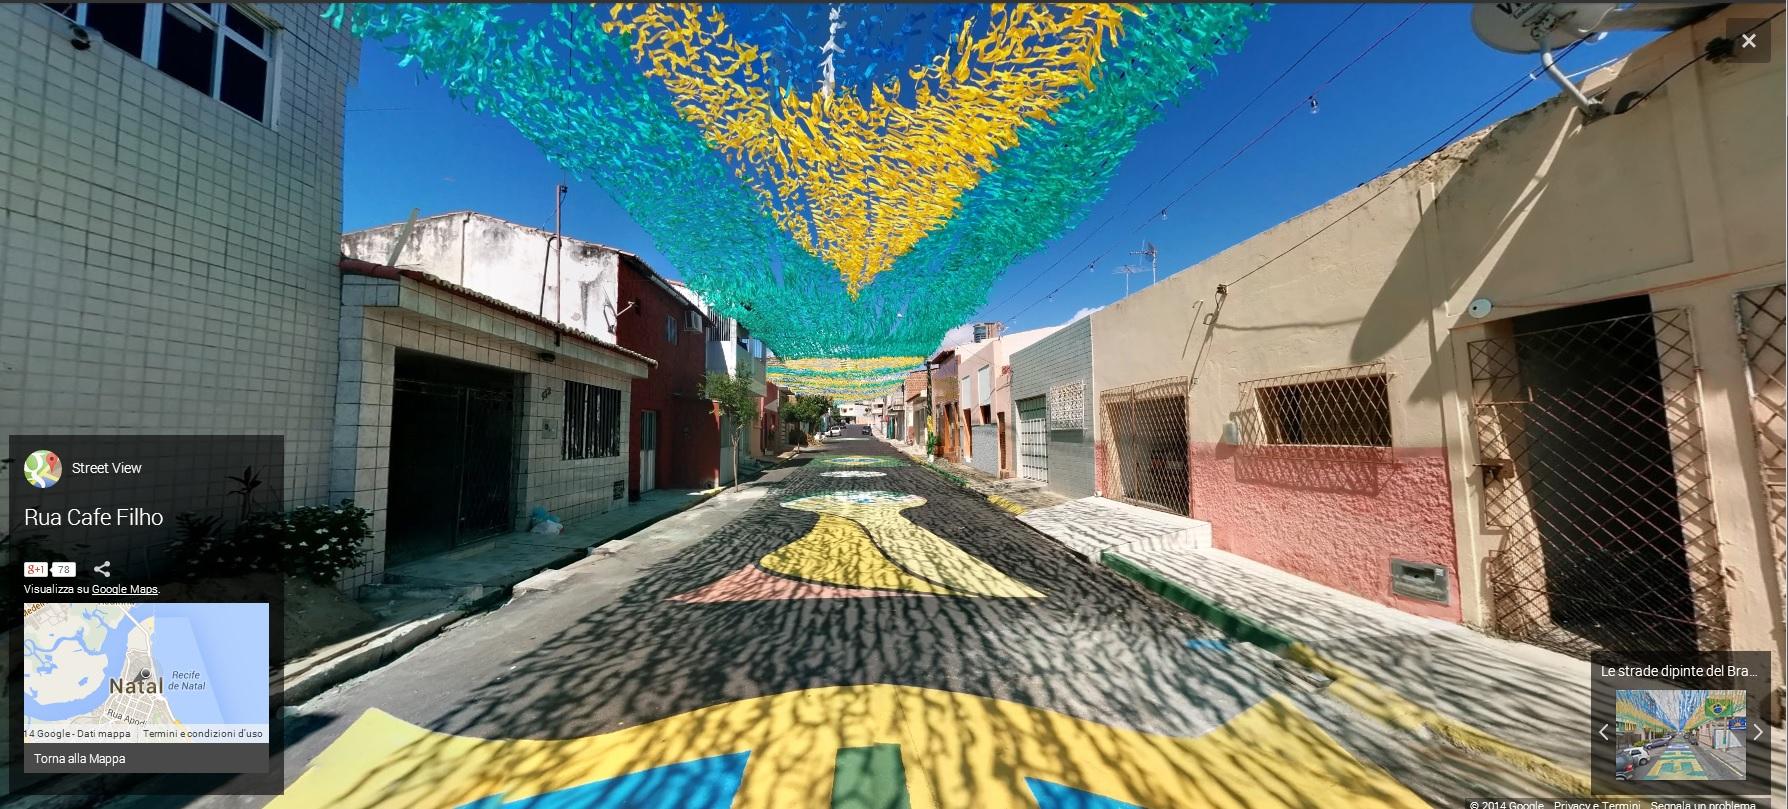 BRASILE1 MONDIALI BRASILE 2014   Google Maps e le strade dipinte